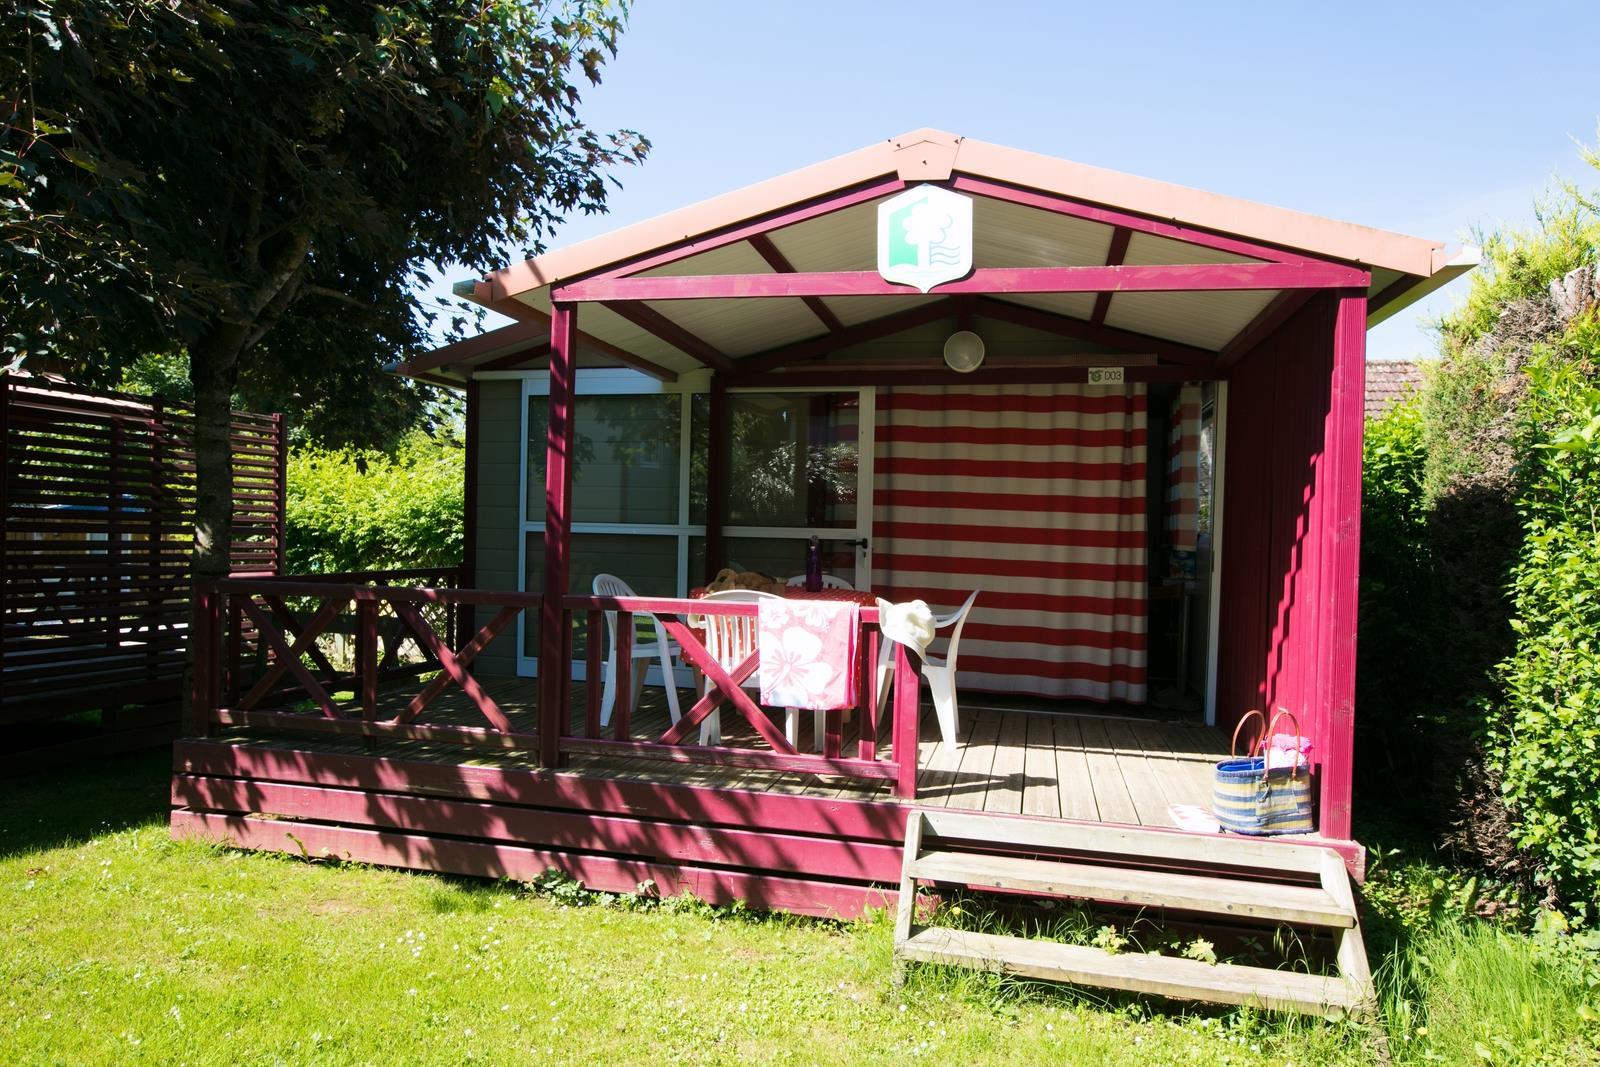 Location - Chalet Limargue (2 Chambres 2 Adultes + 2 Enfants - 14 Ans) - Camping Sites et Paysages Le Ventoulou